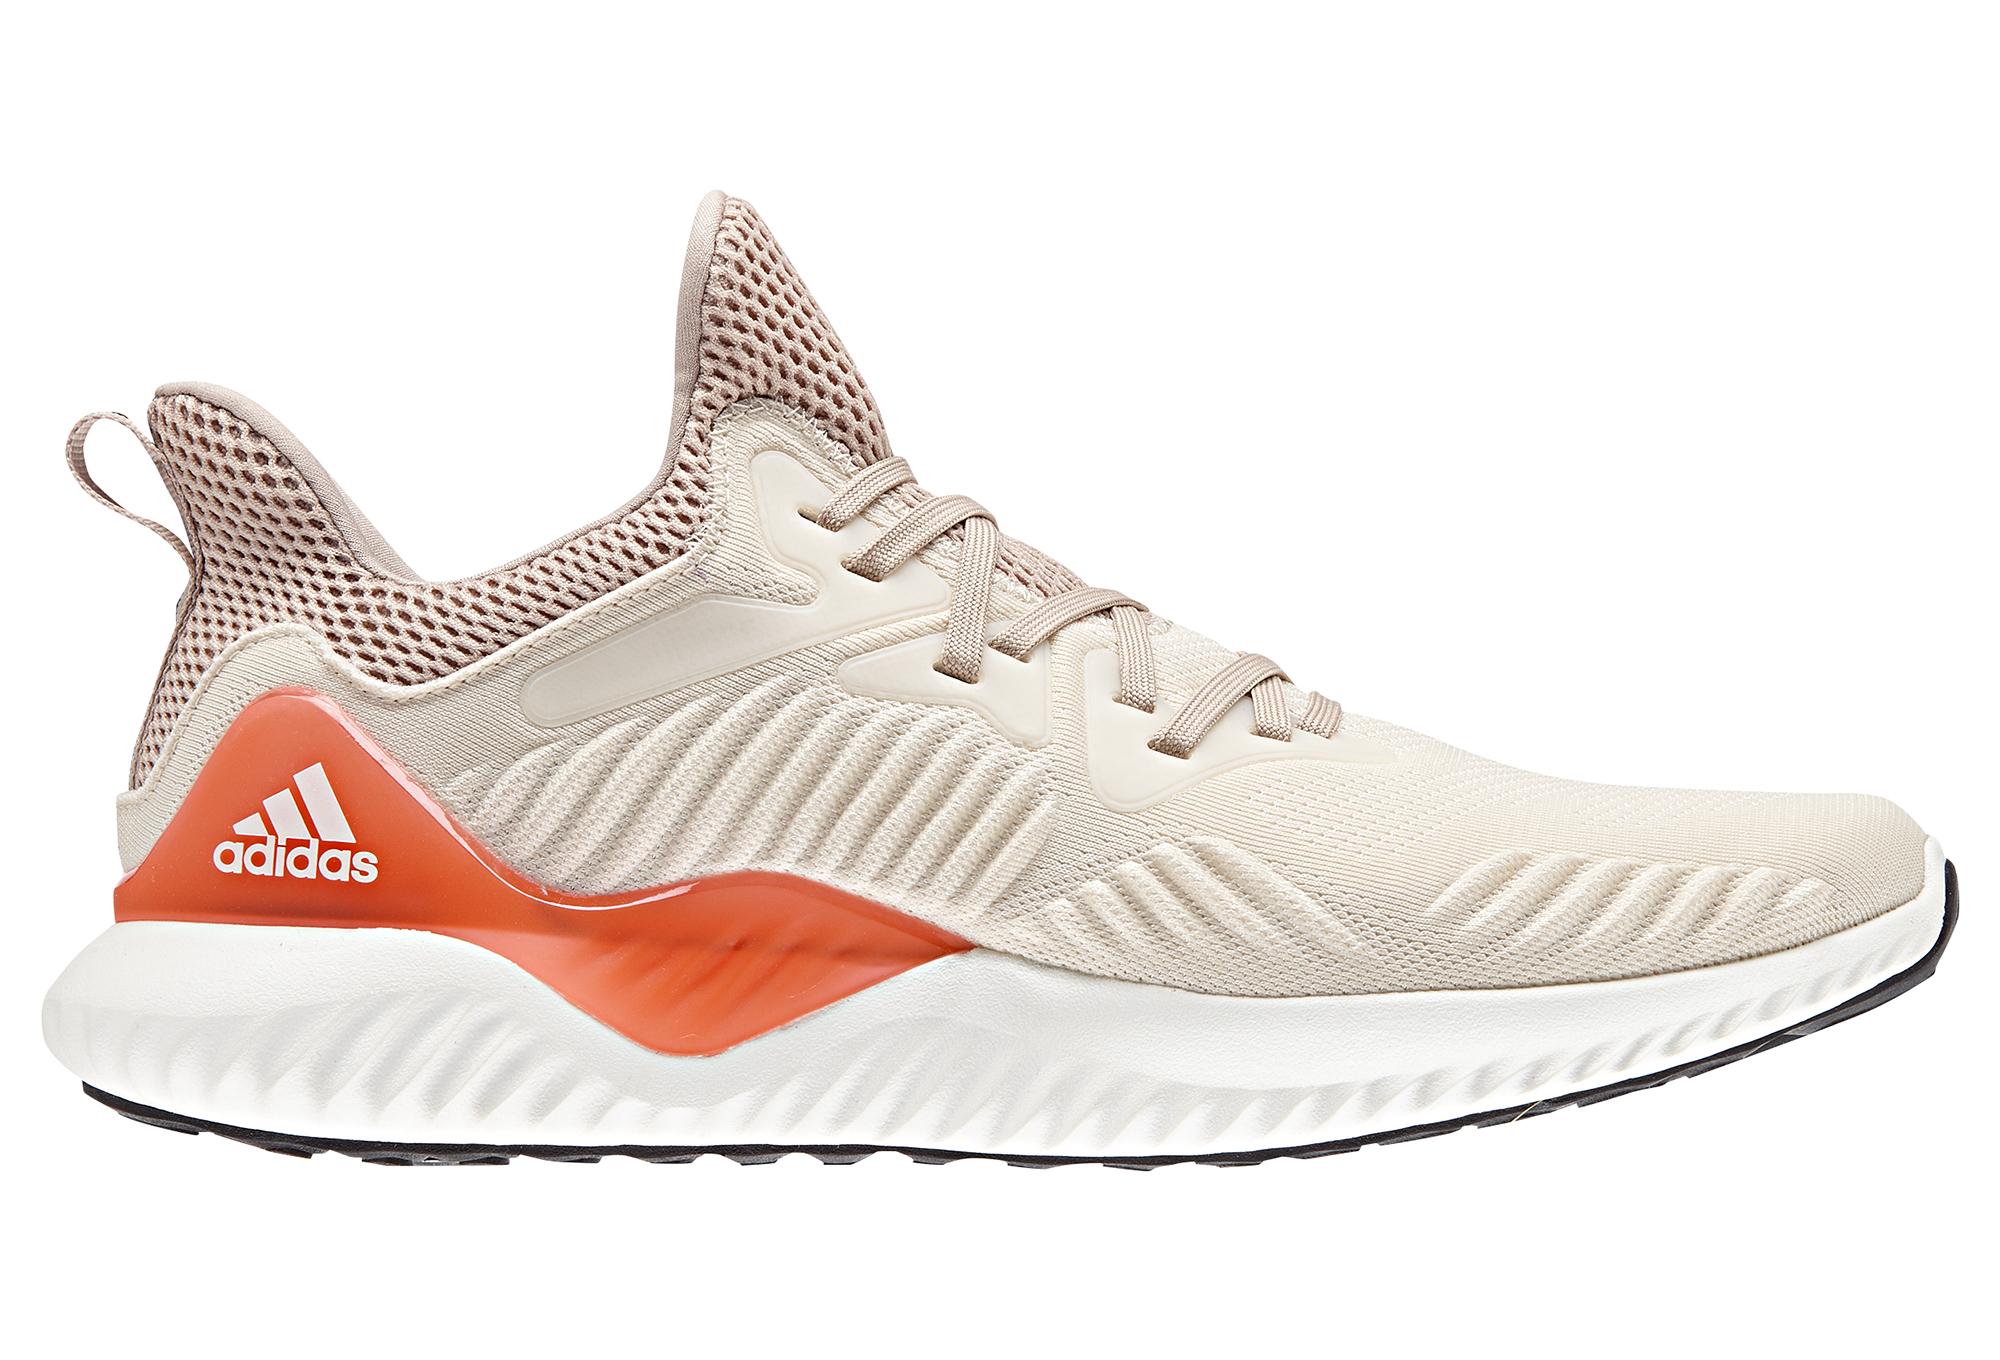 29c73f445 adidas running alphabounce beyond Beige Orange